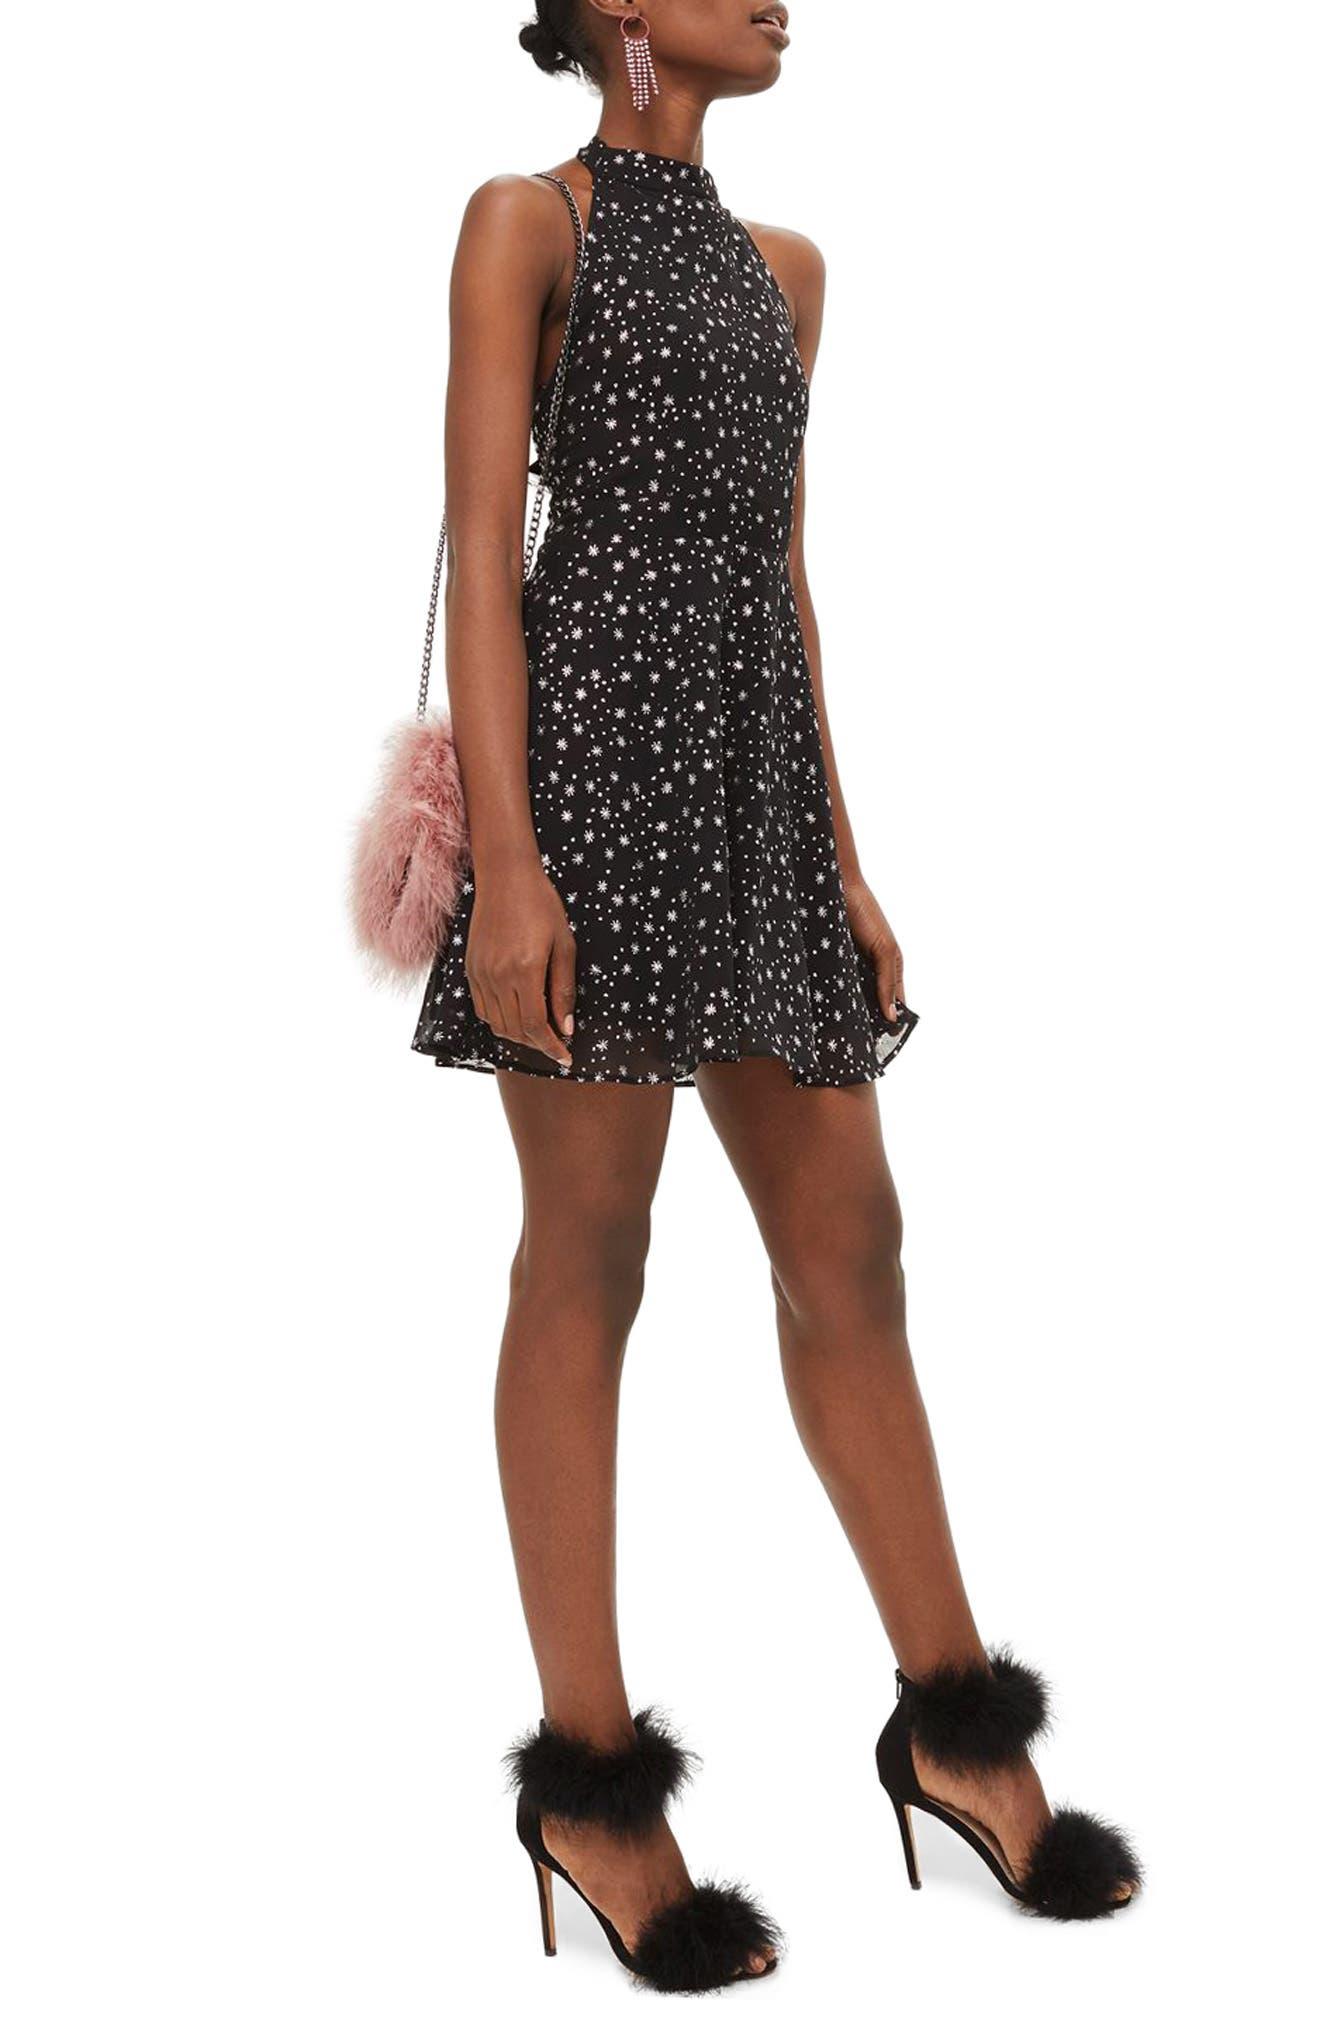 Topshop Glitter Halter Neck Skater Dress